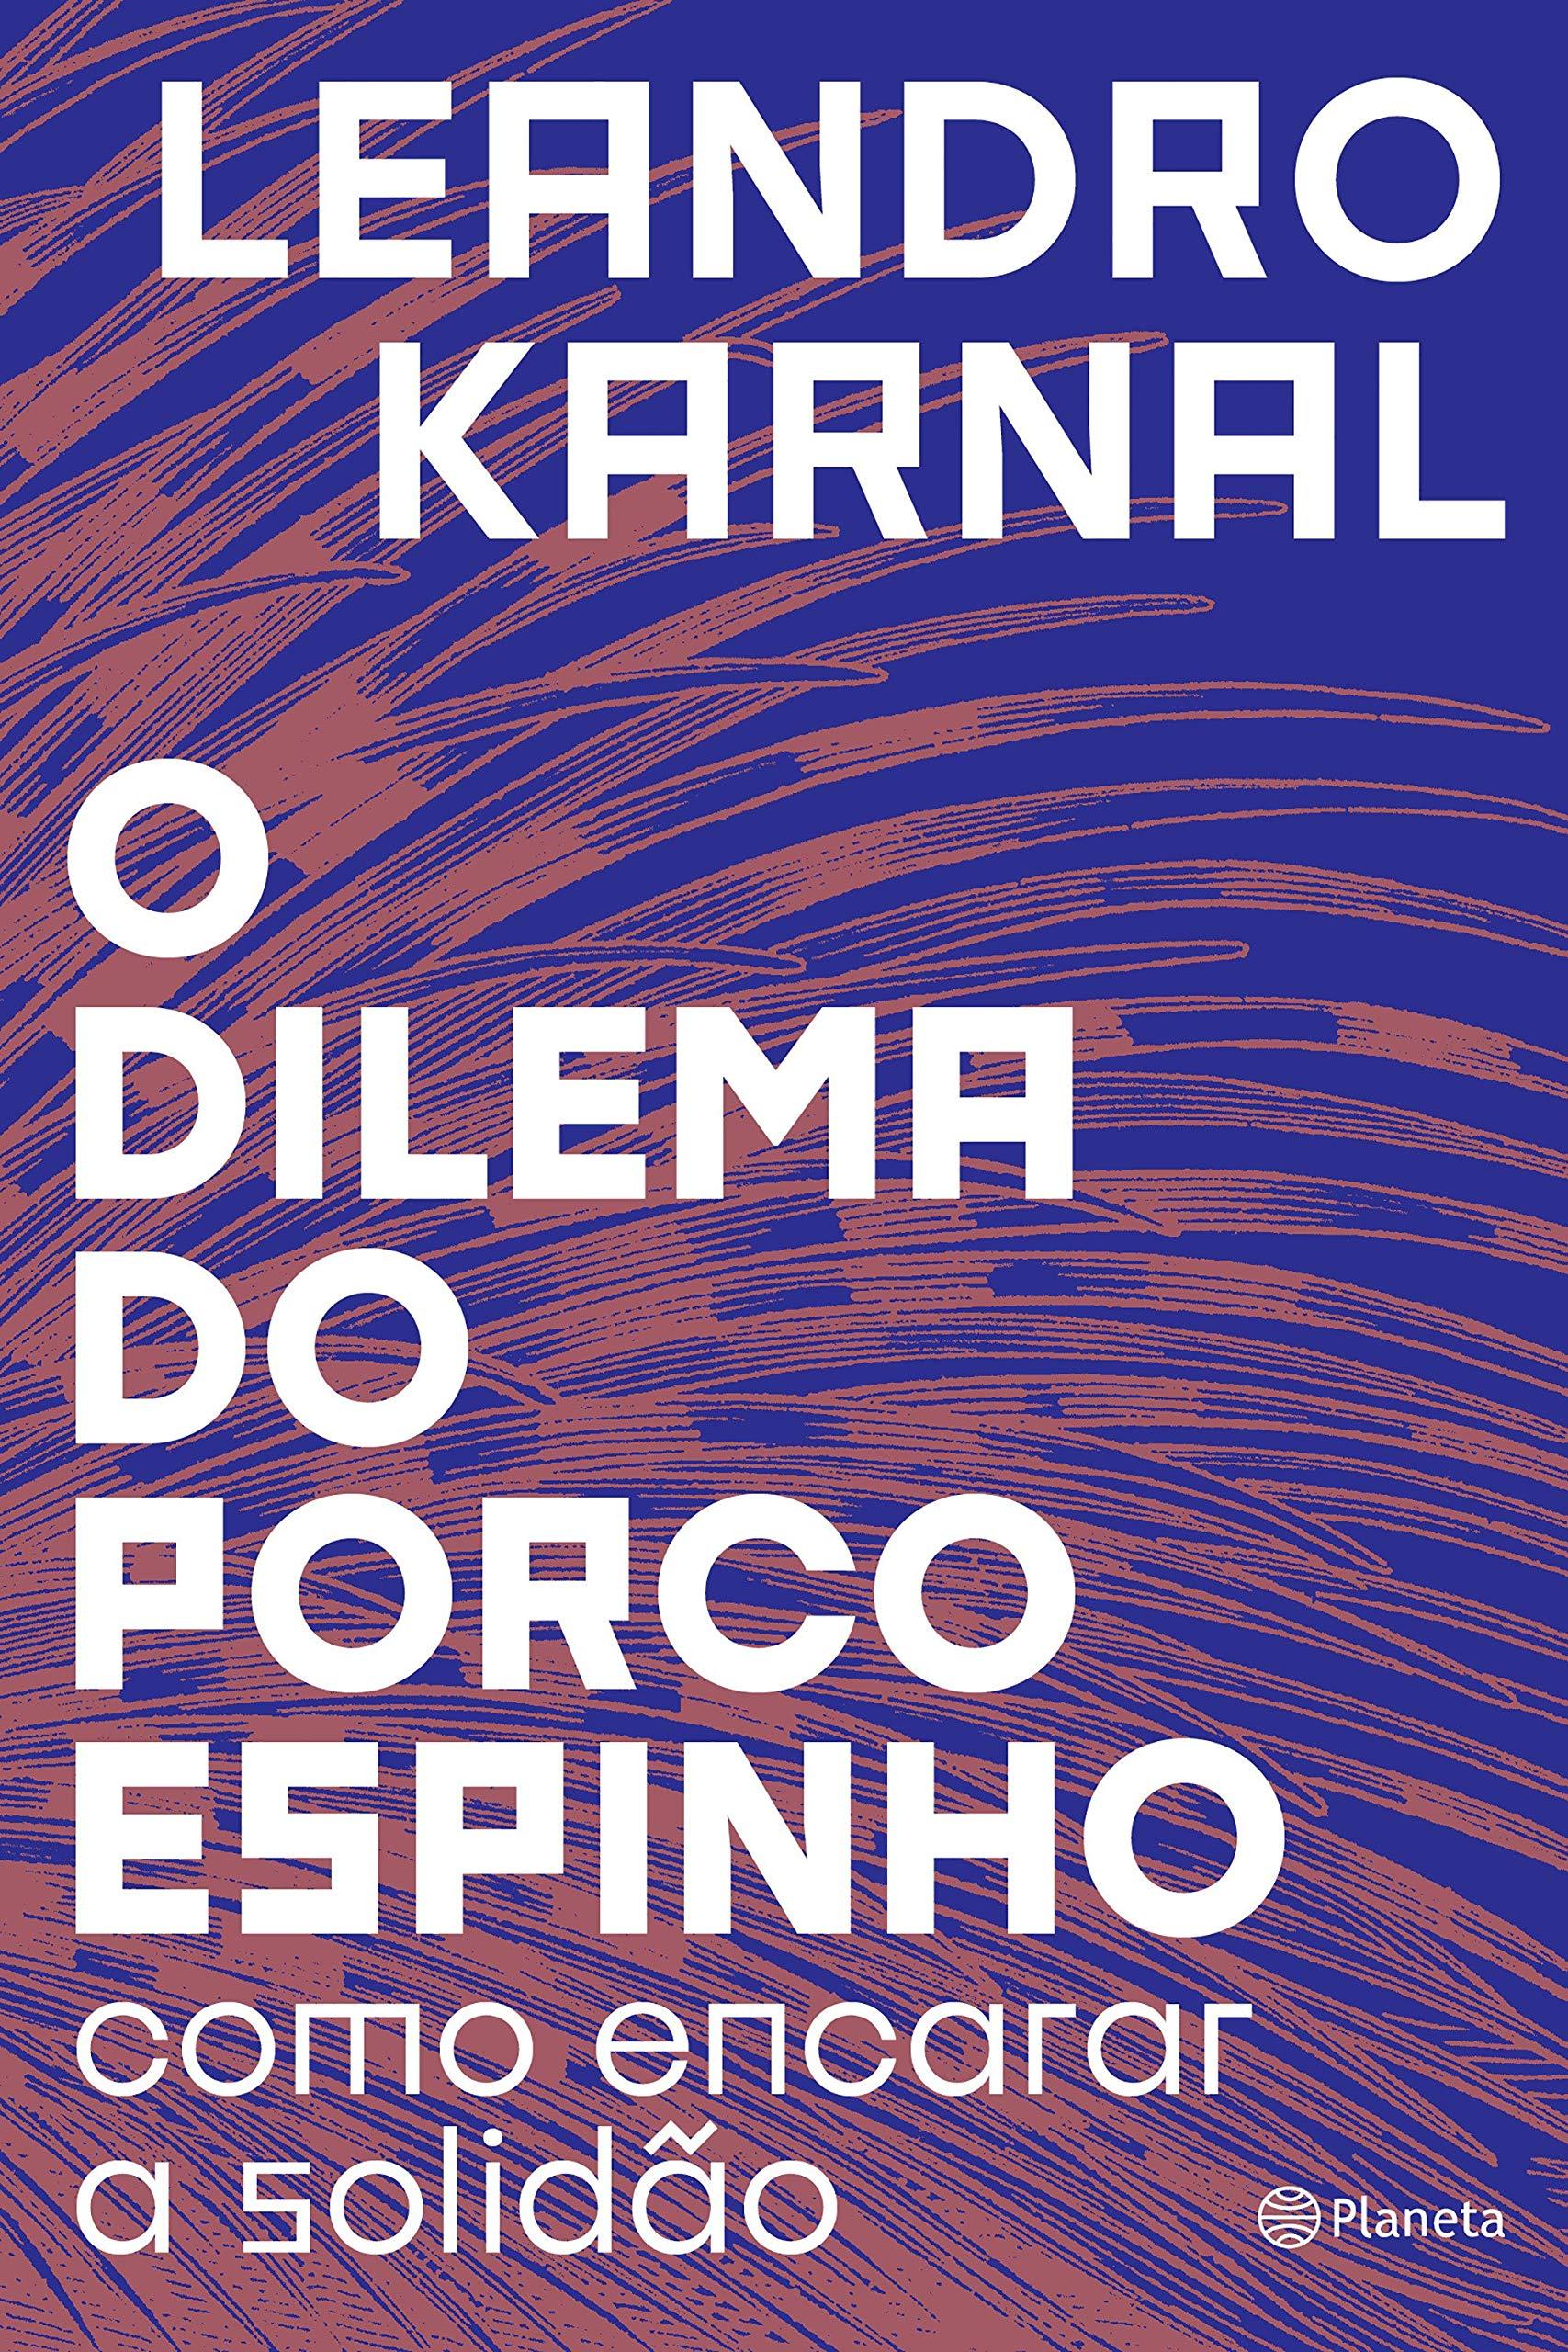 Leia online PDF de 'Diálogo de culturas' por Leandro Karnal